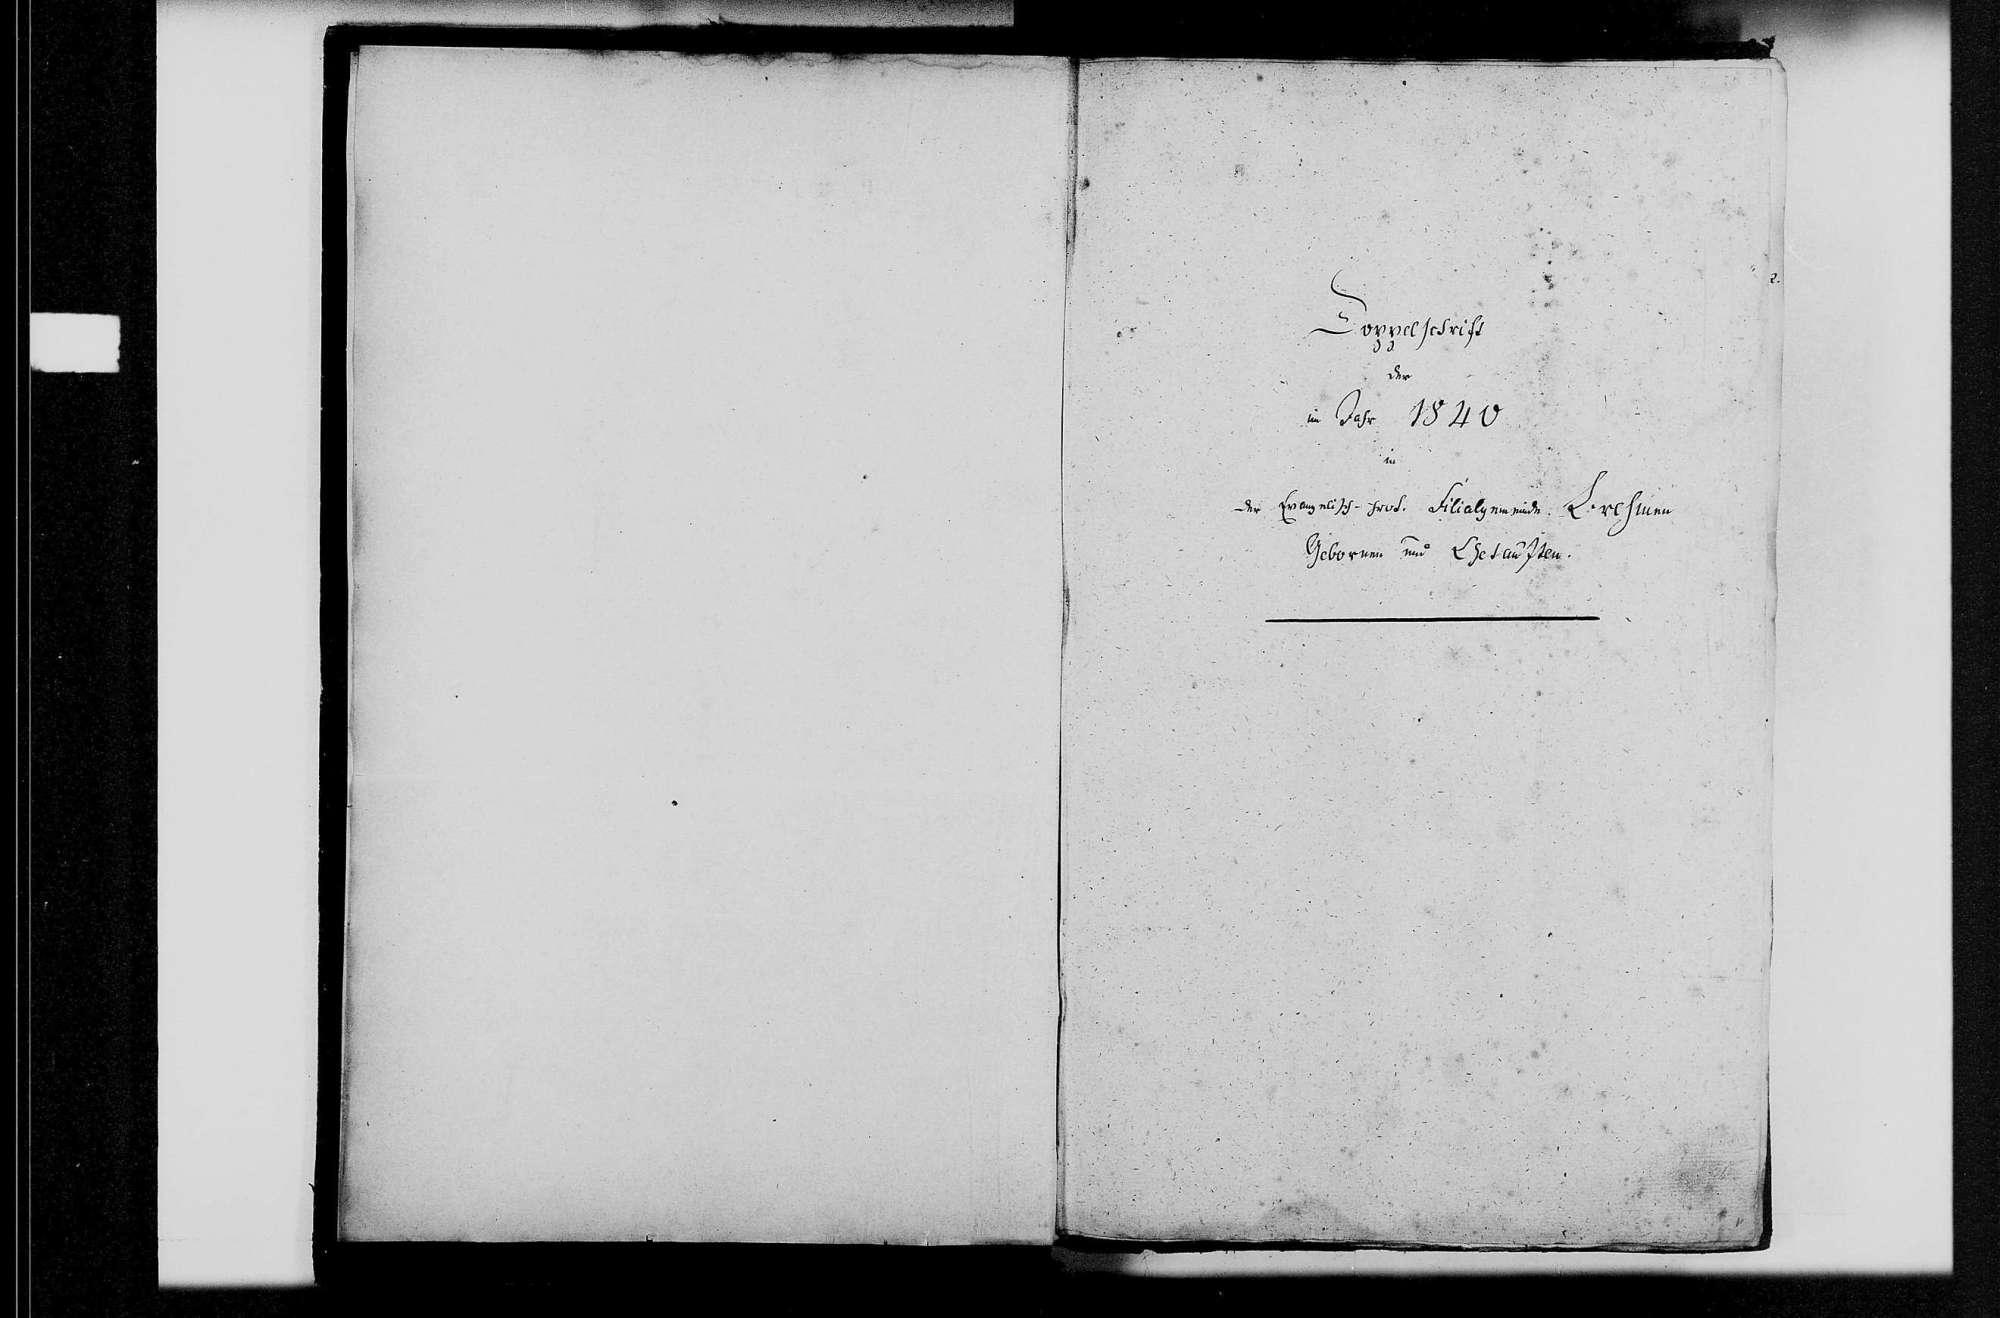 Brehmen, evangelische Gemeinde: Standesbuch 1840-1949, Bild 3